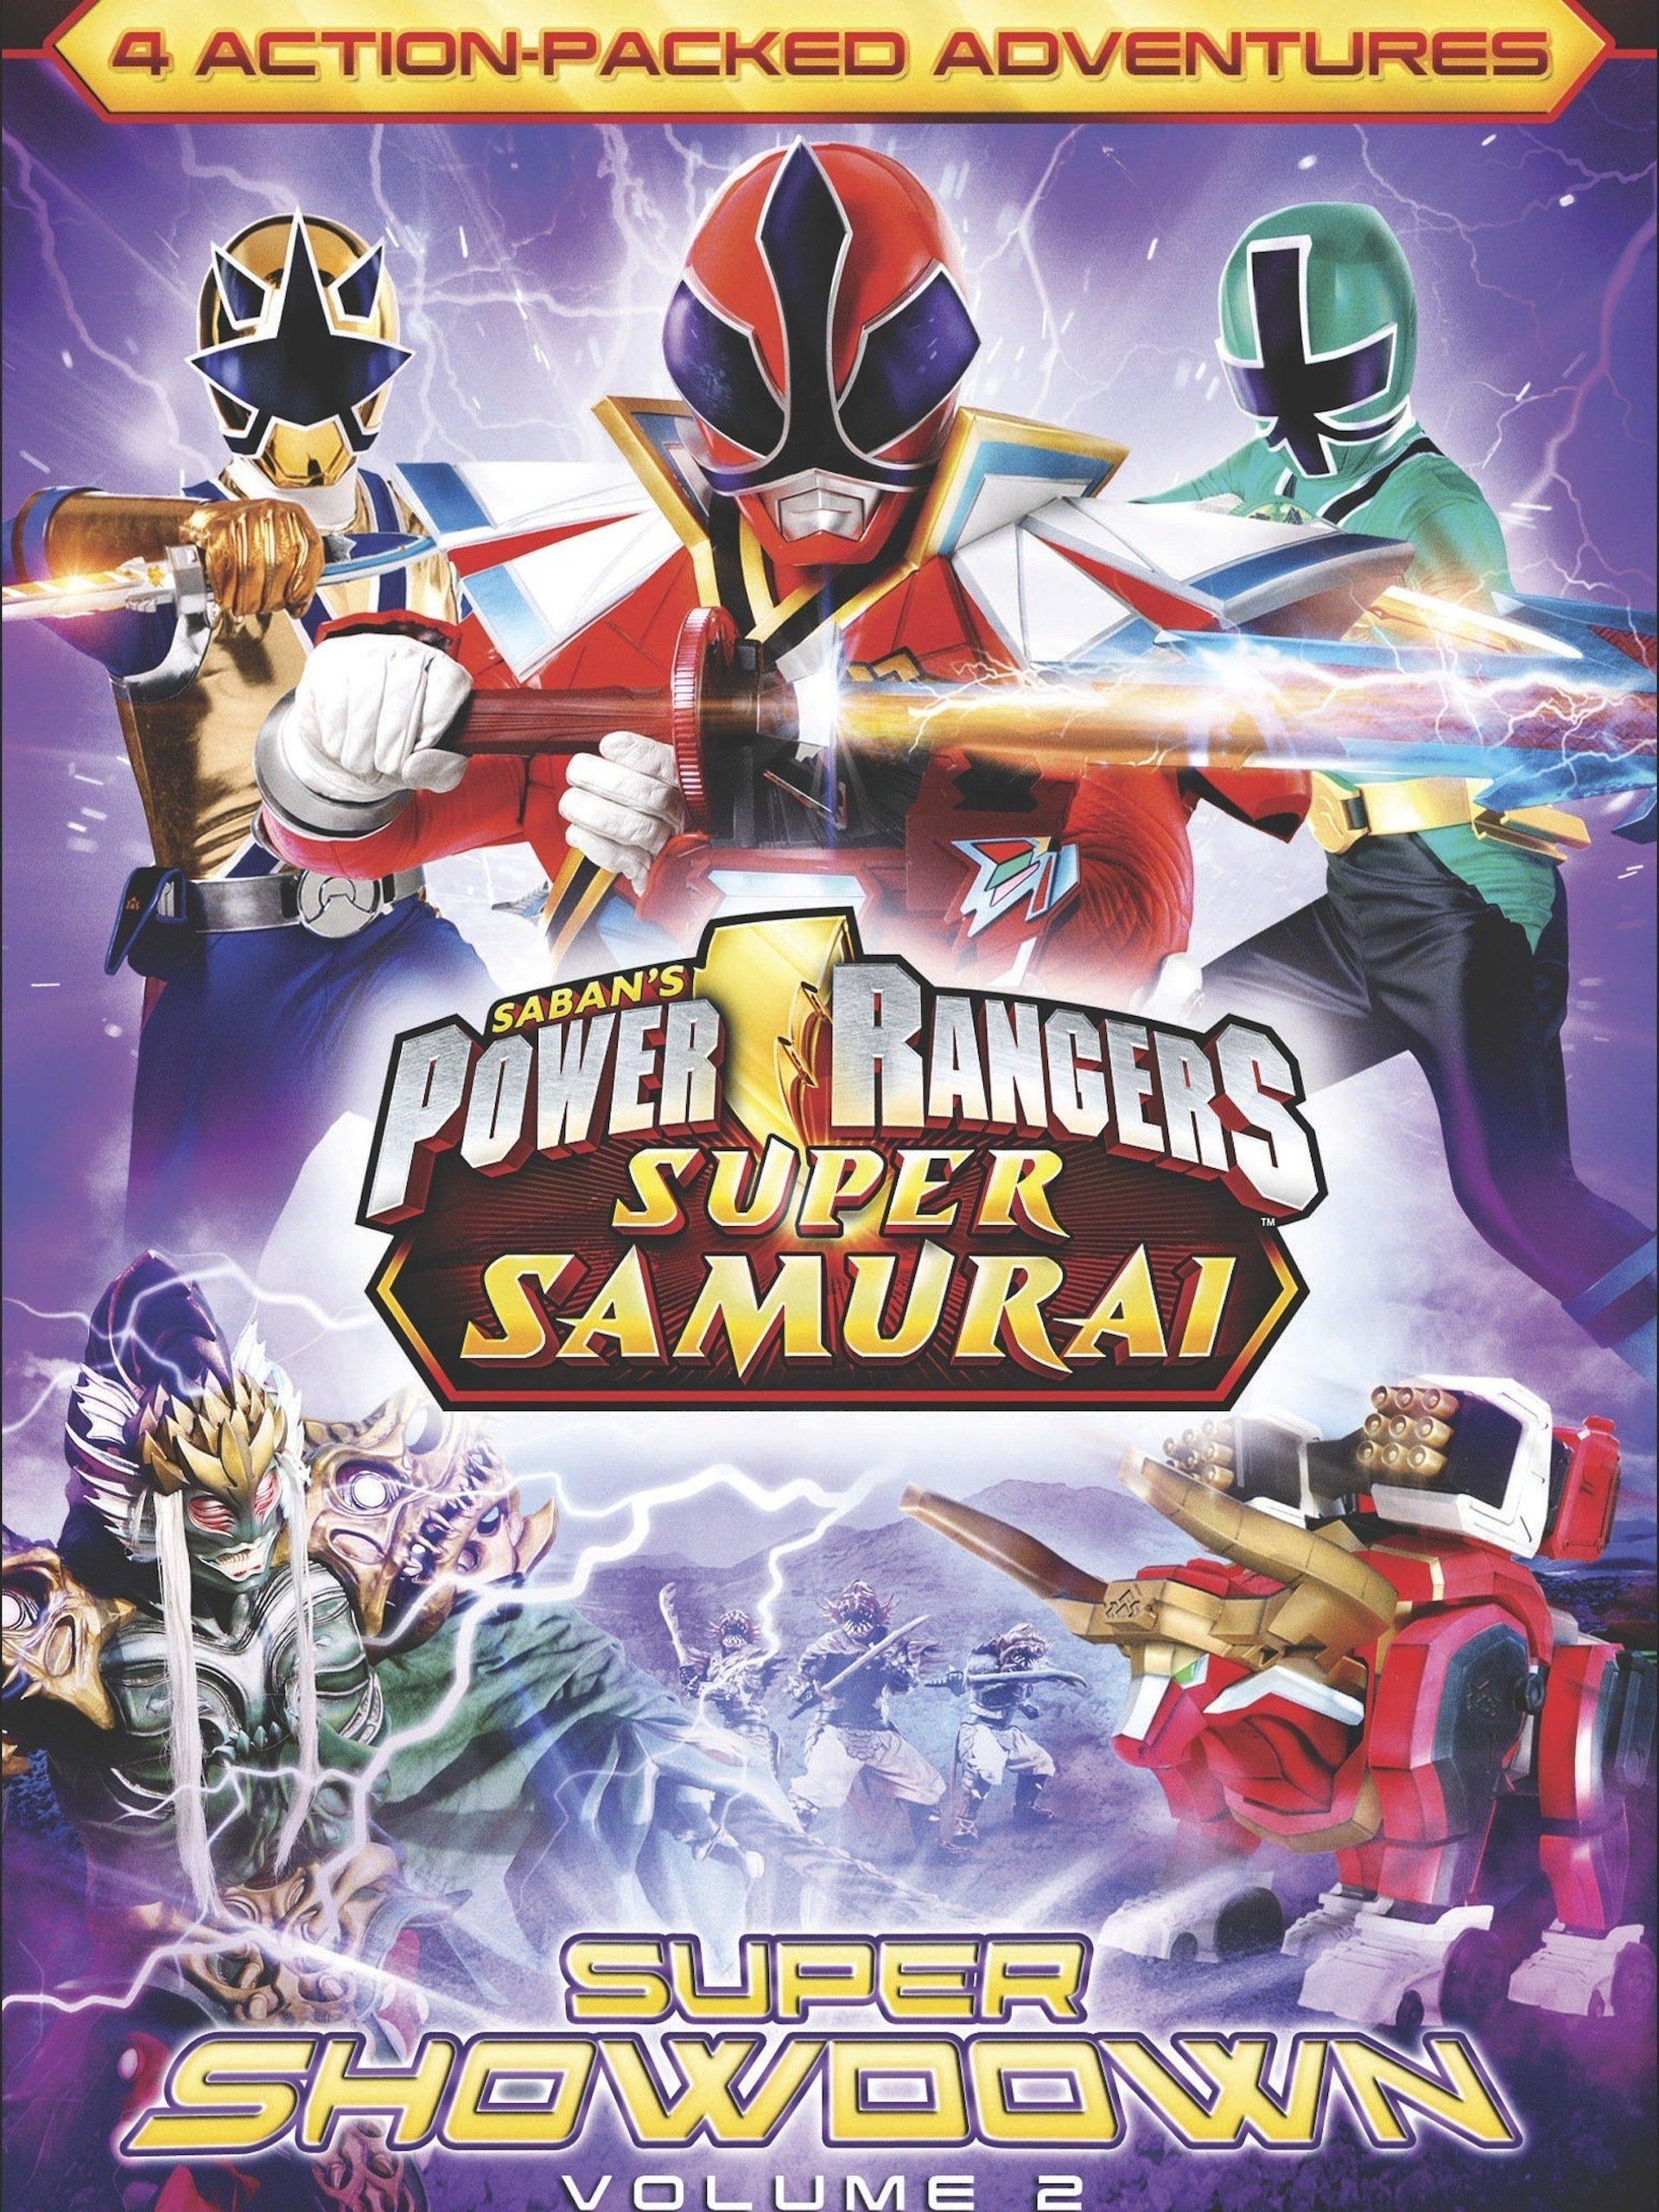 Amazon.com: Power Rangers Super Samurai: Super Showdown (vol. 2): ?Alex Heartman, Erika Fong, Hector David Jr., Najee De-Tiege: Amazon Digital Services LLC